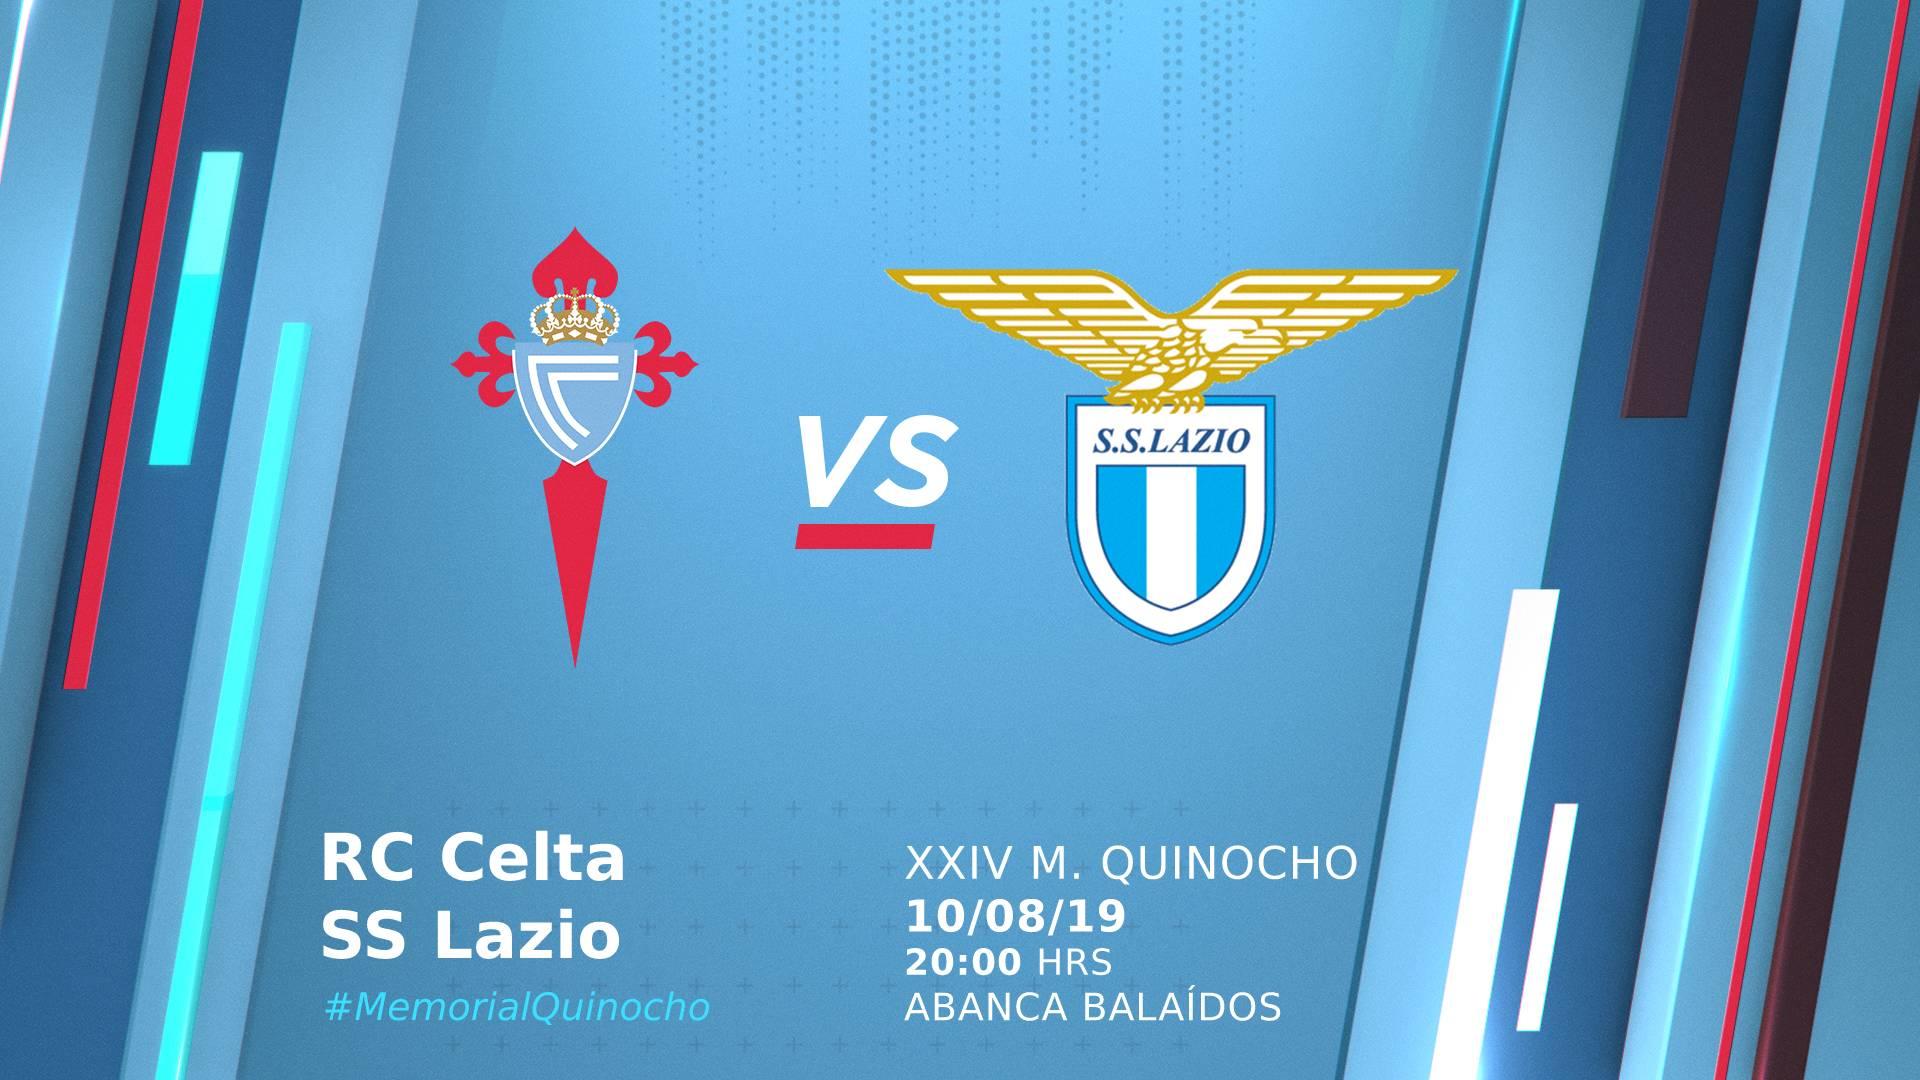 matchday-celta-vigo-lazio-memorial-quinocho-abanca-balaidos-2019.jpg